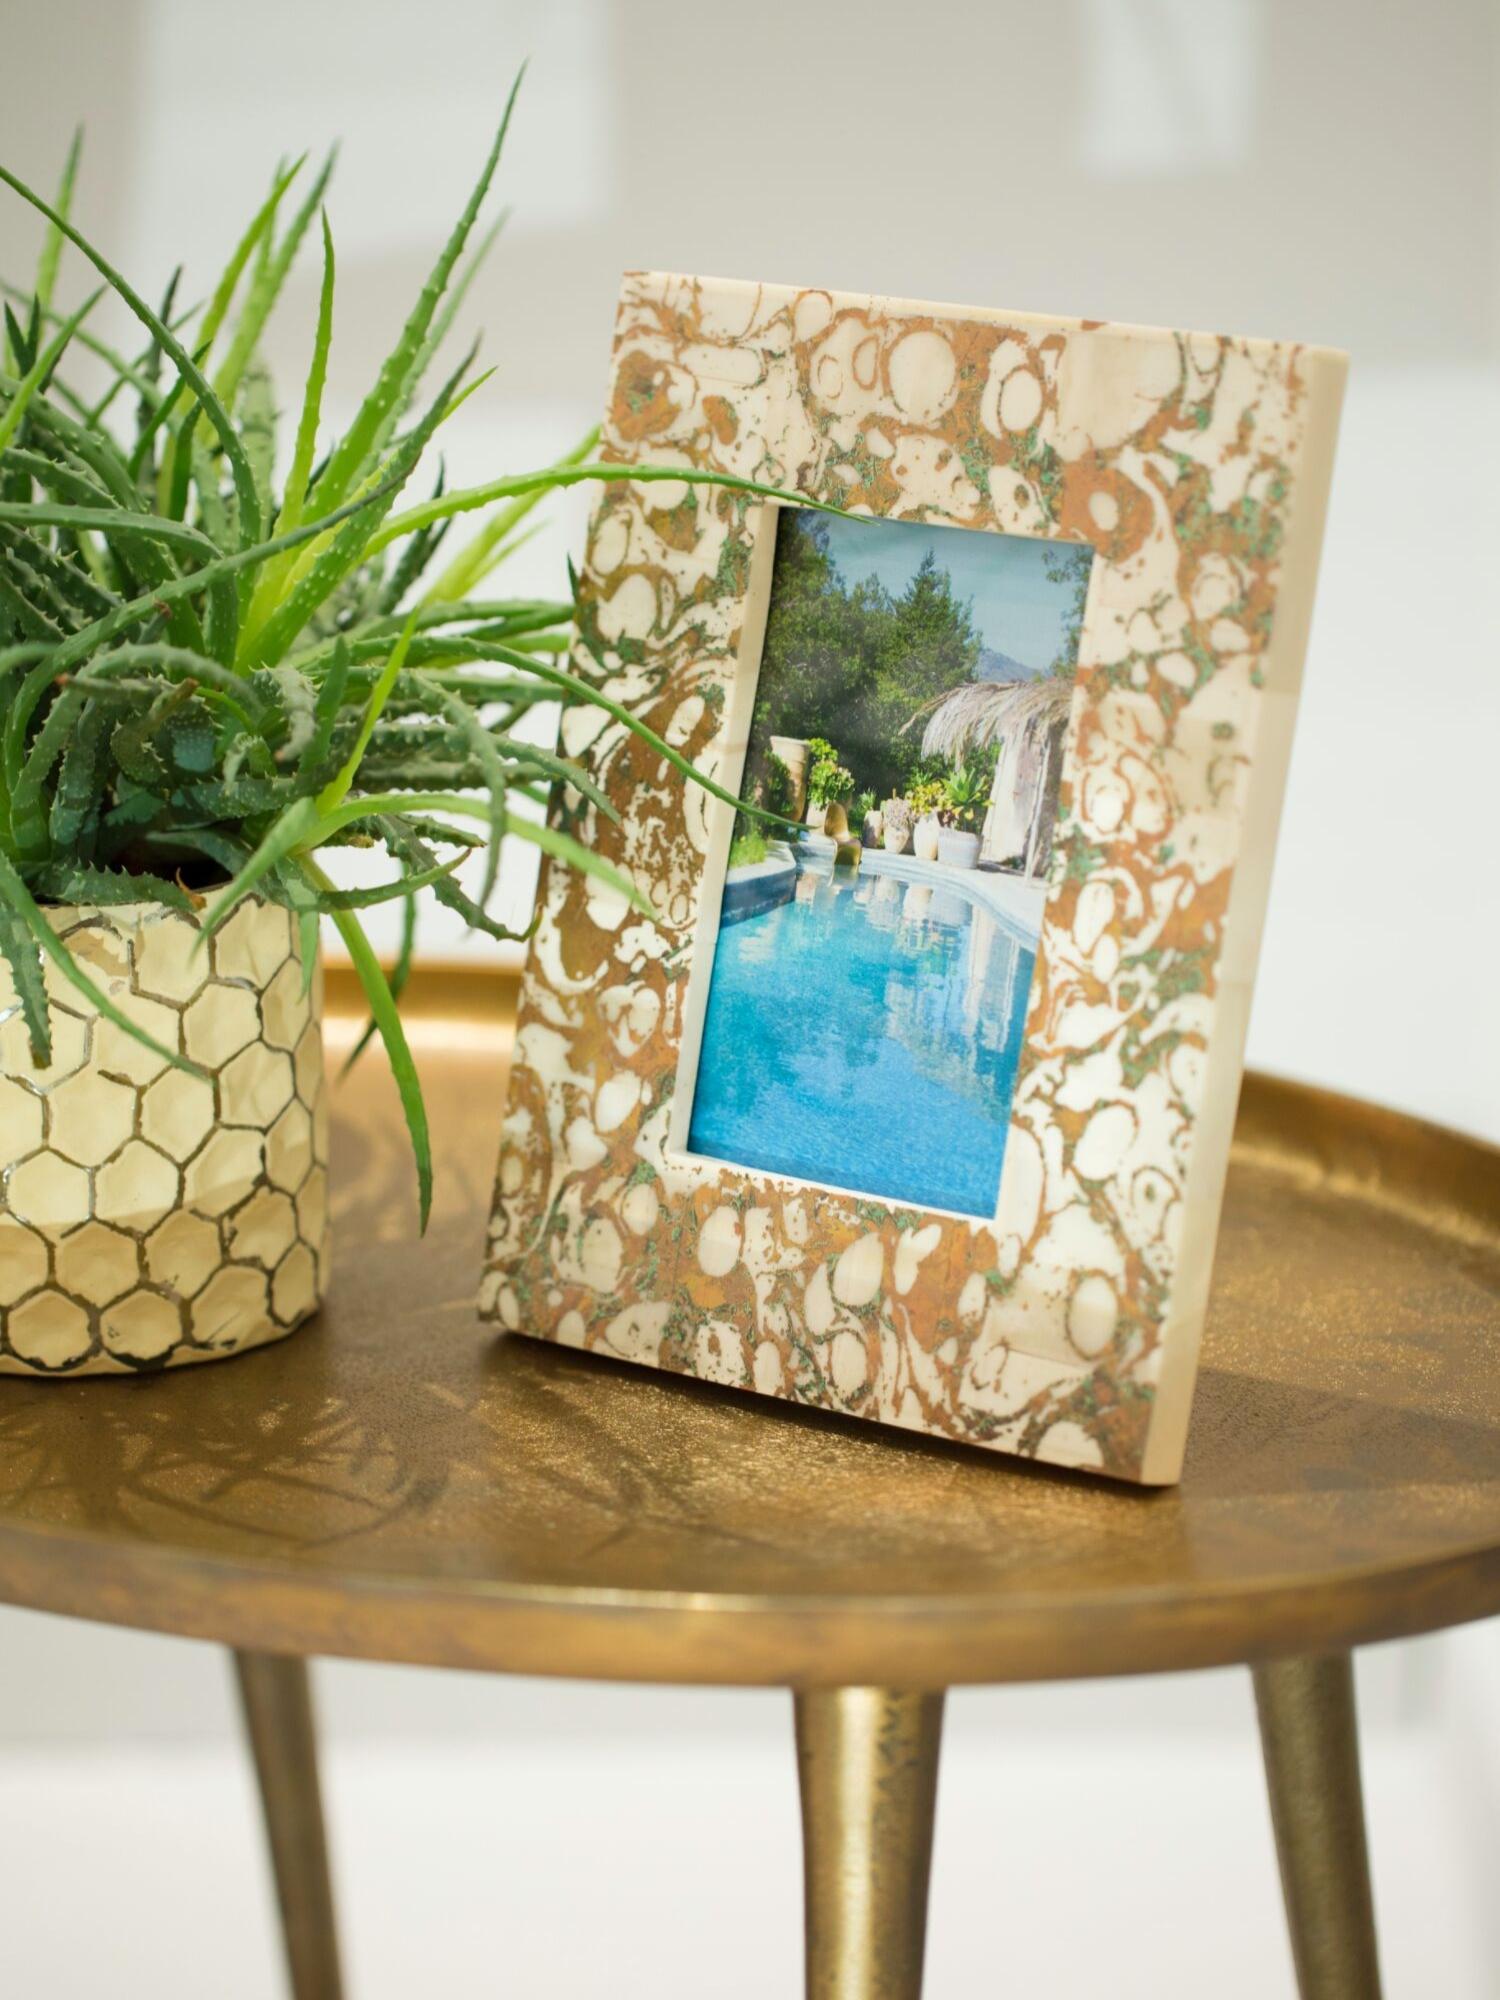 Ideen für Wohnzimmer Landhausstil bei Fischers Fine Interiors